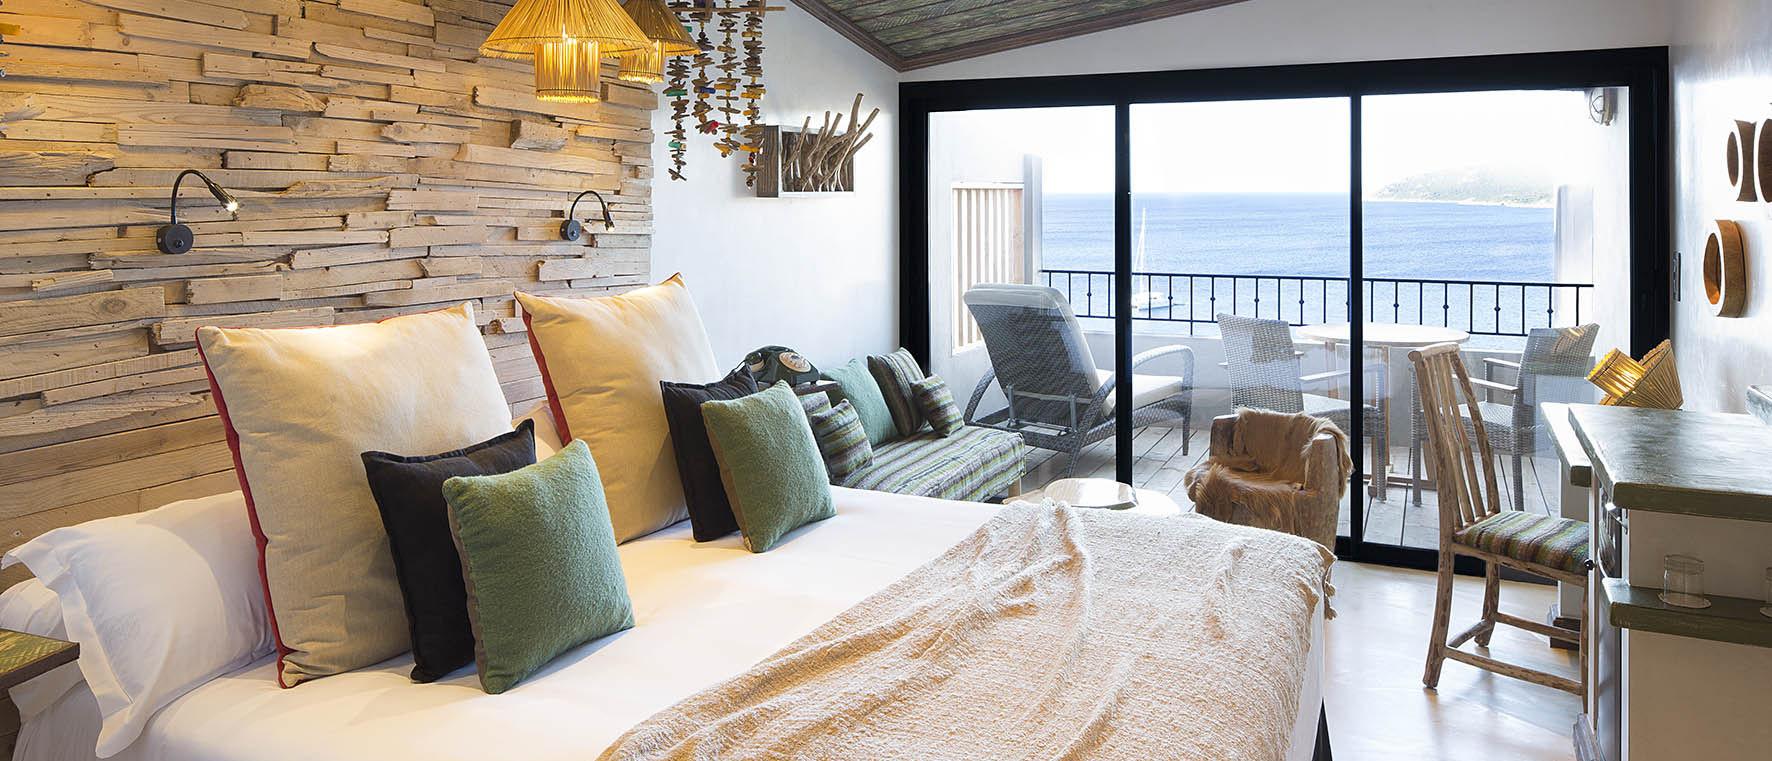 hotel-u-capu-biancu-superior-room